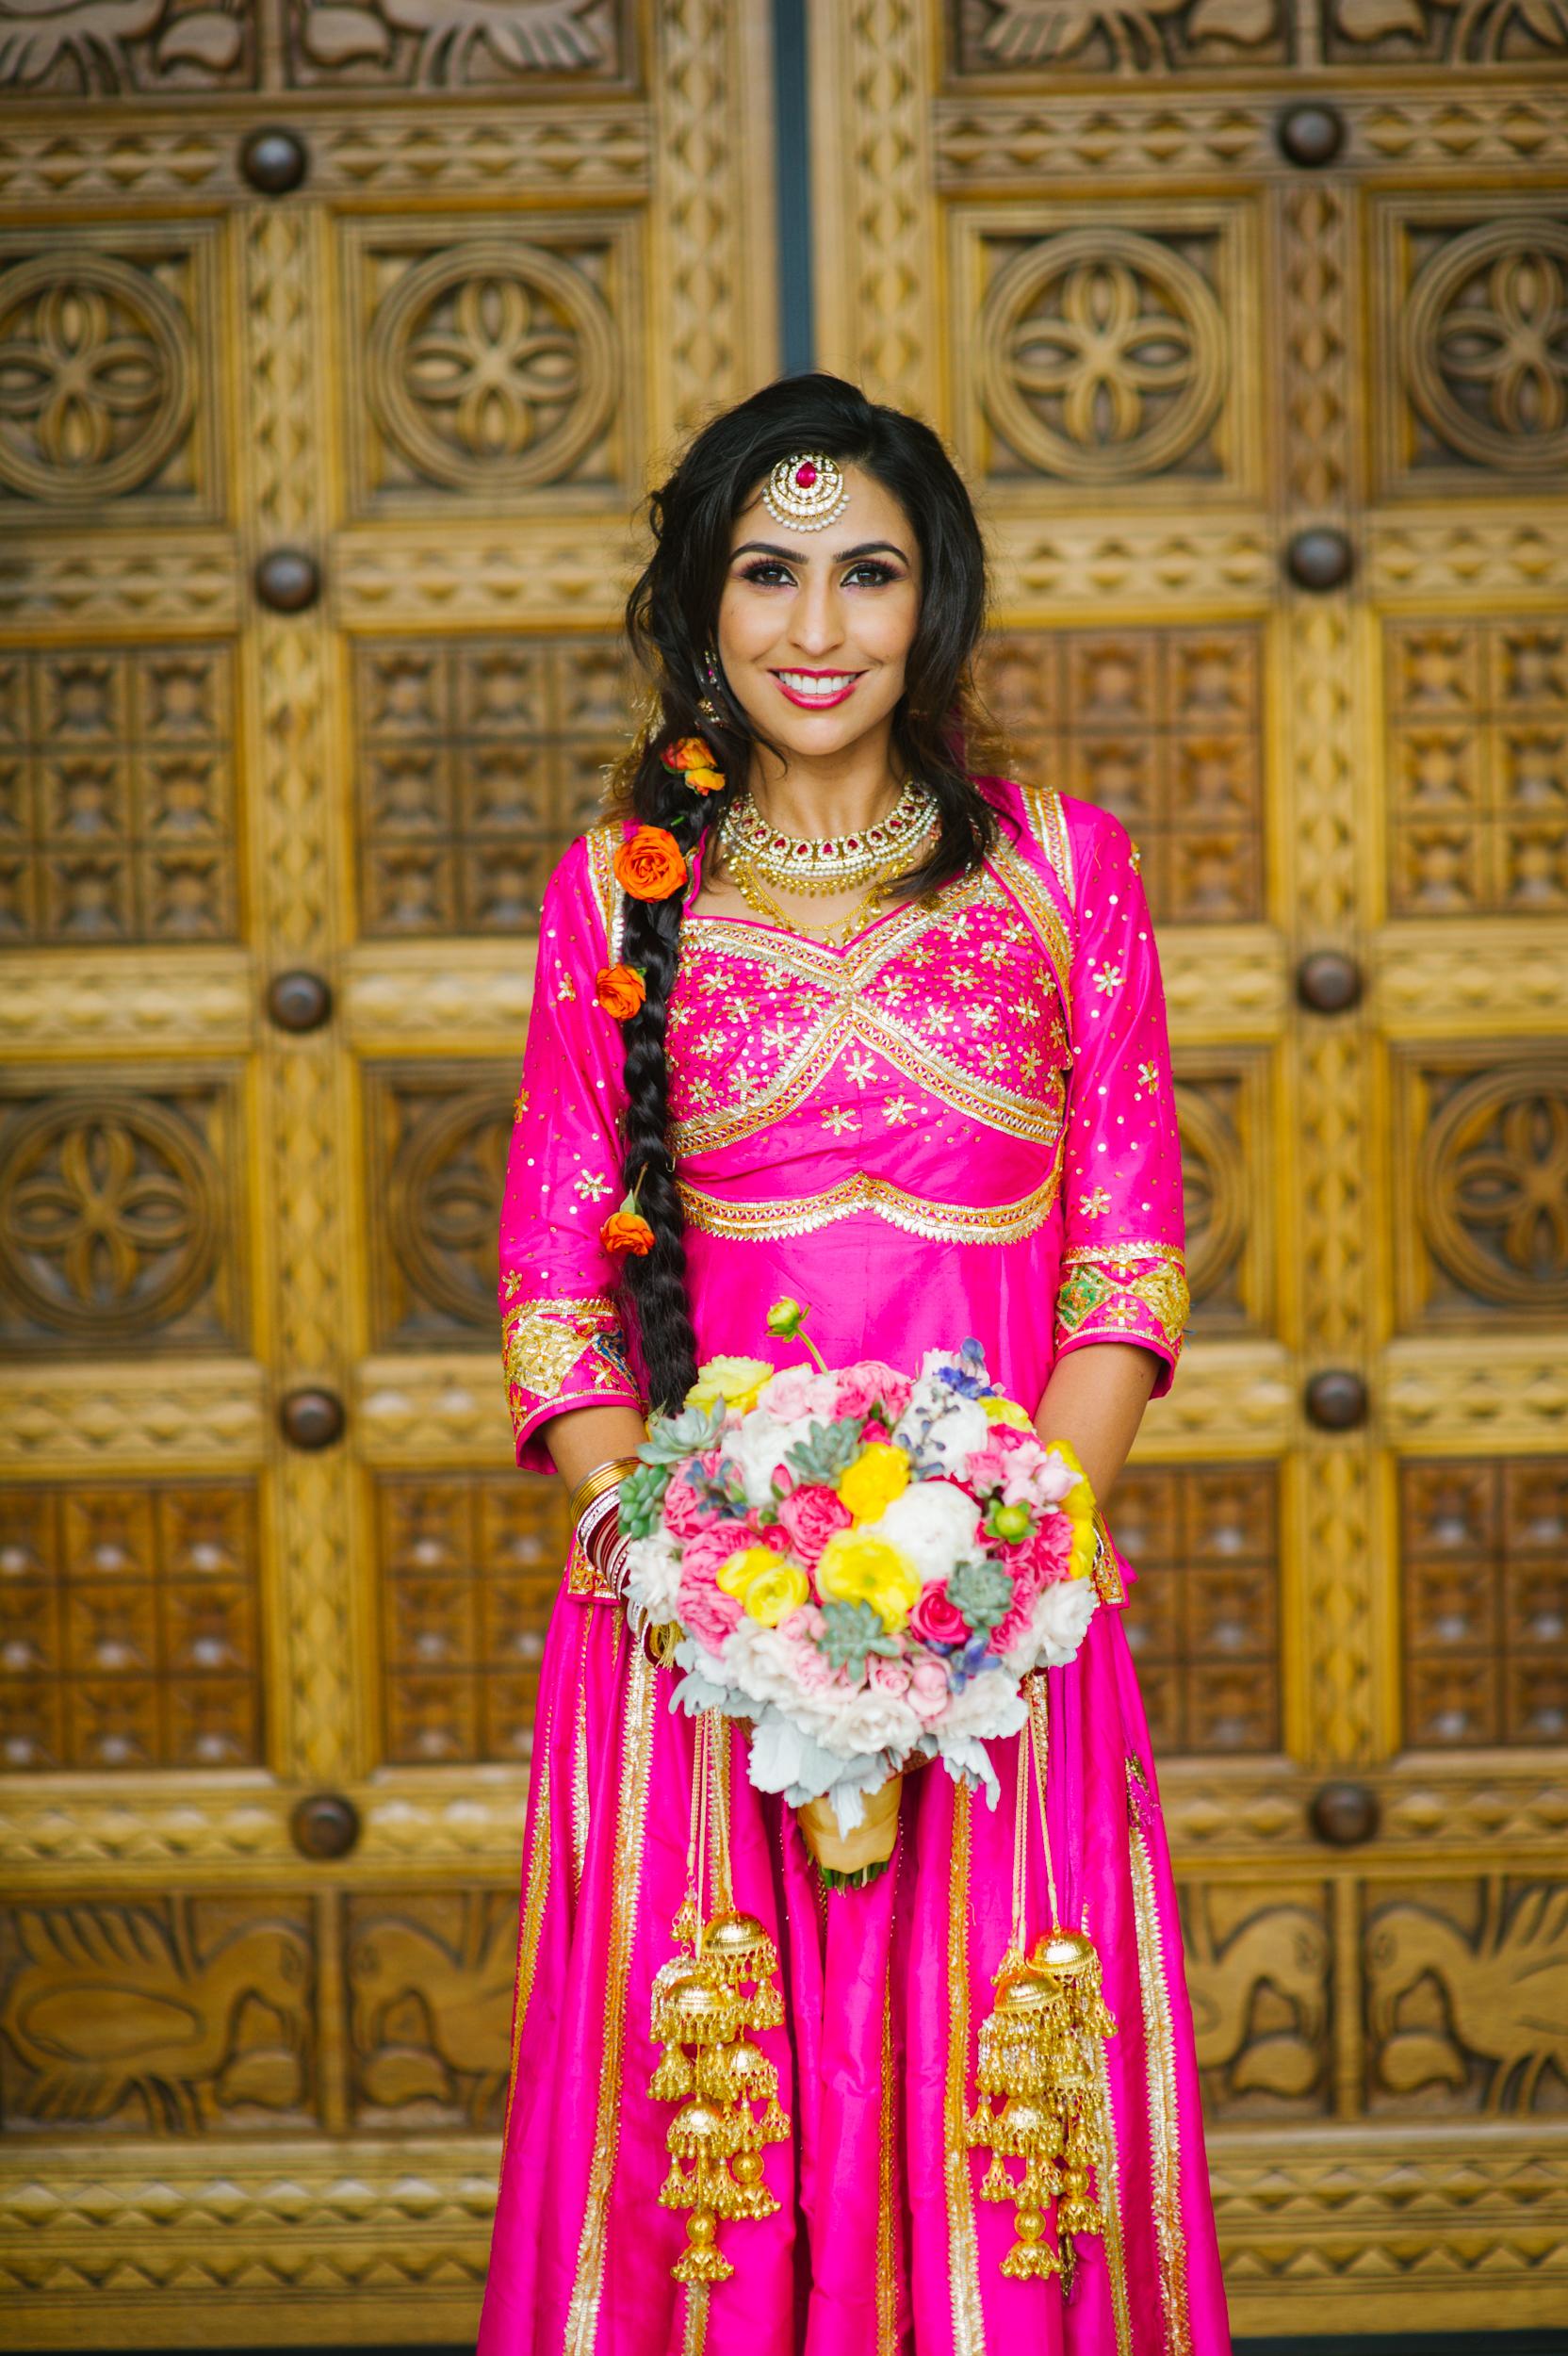 JKP_Indian_Weddings_0045.JPG